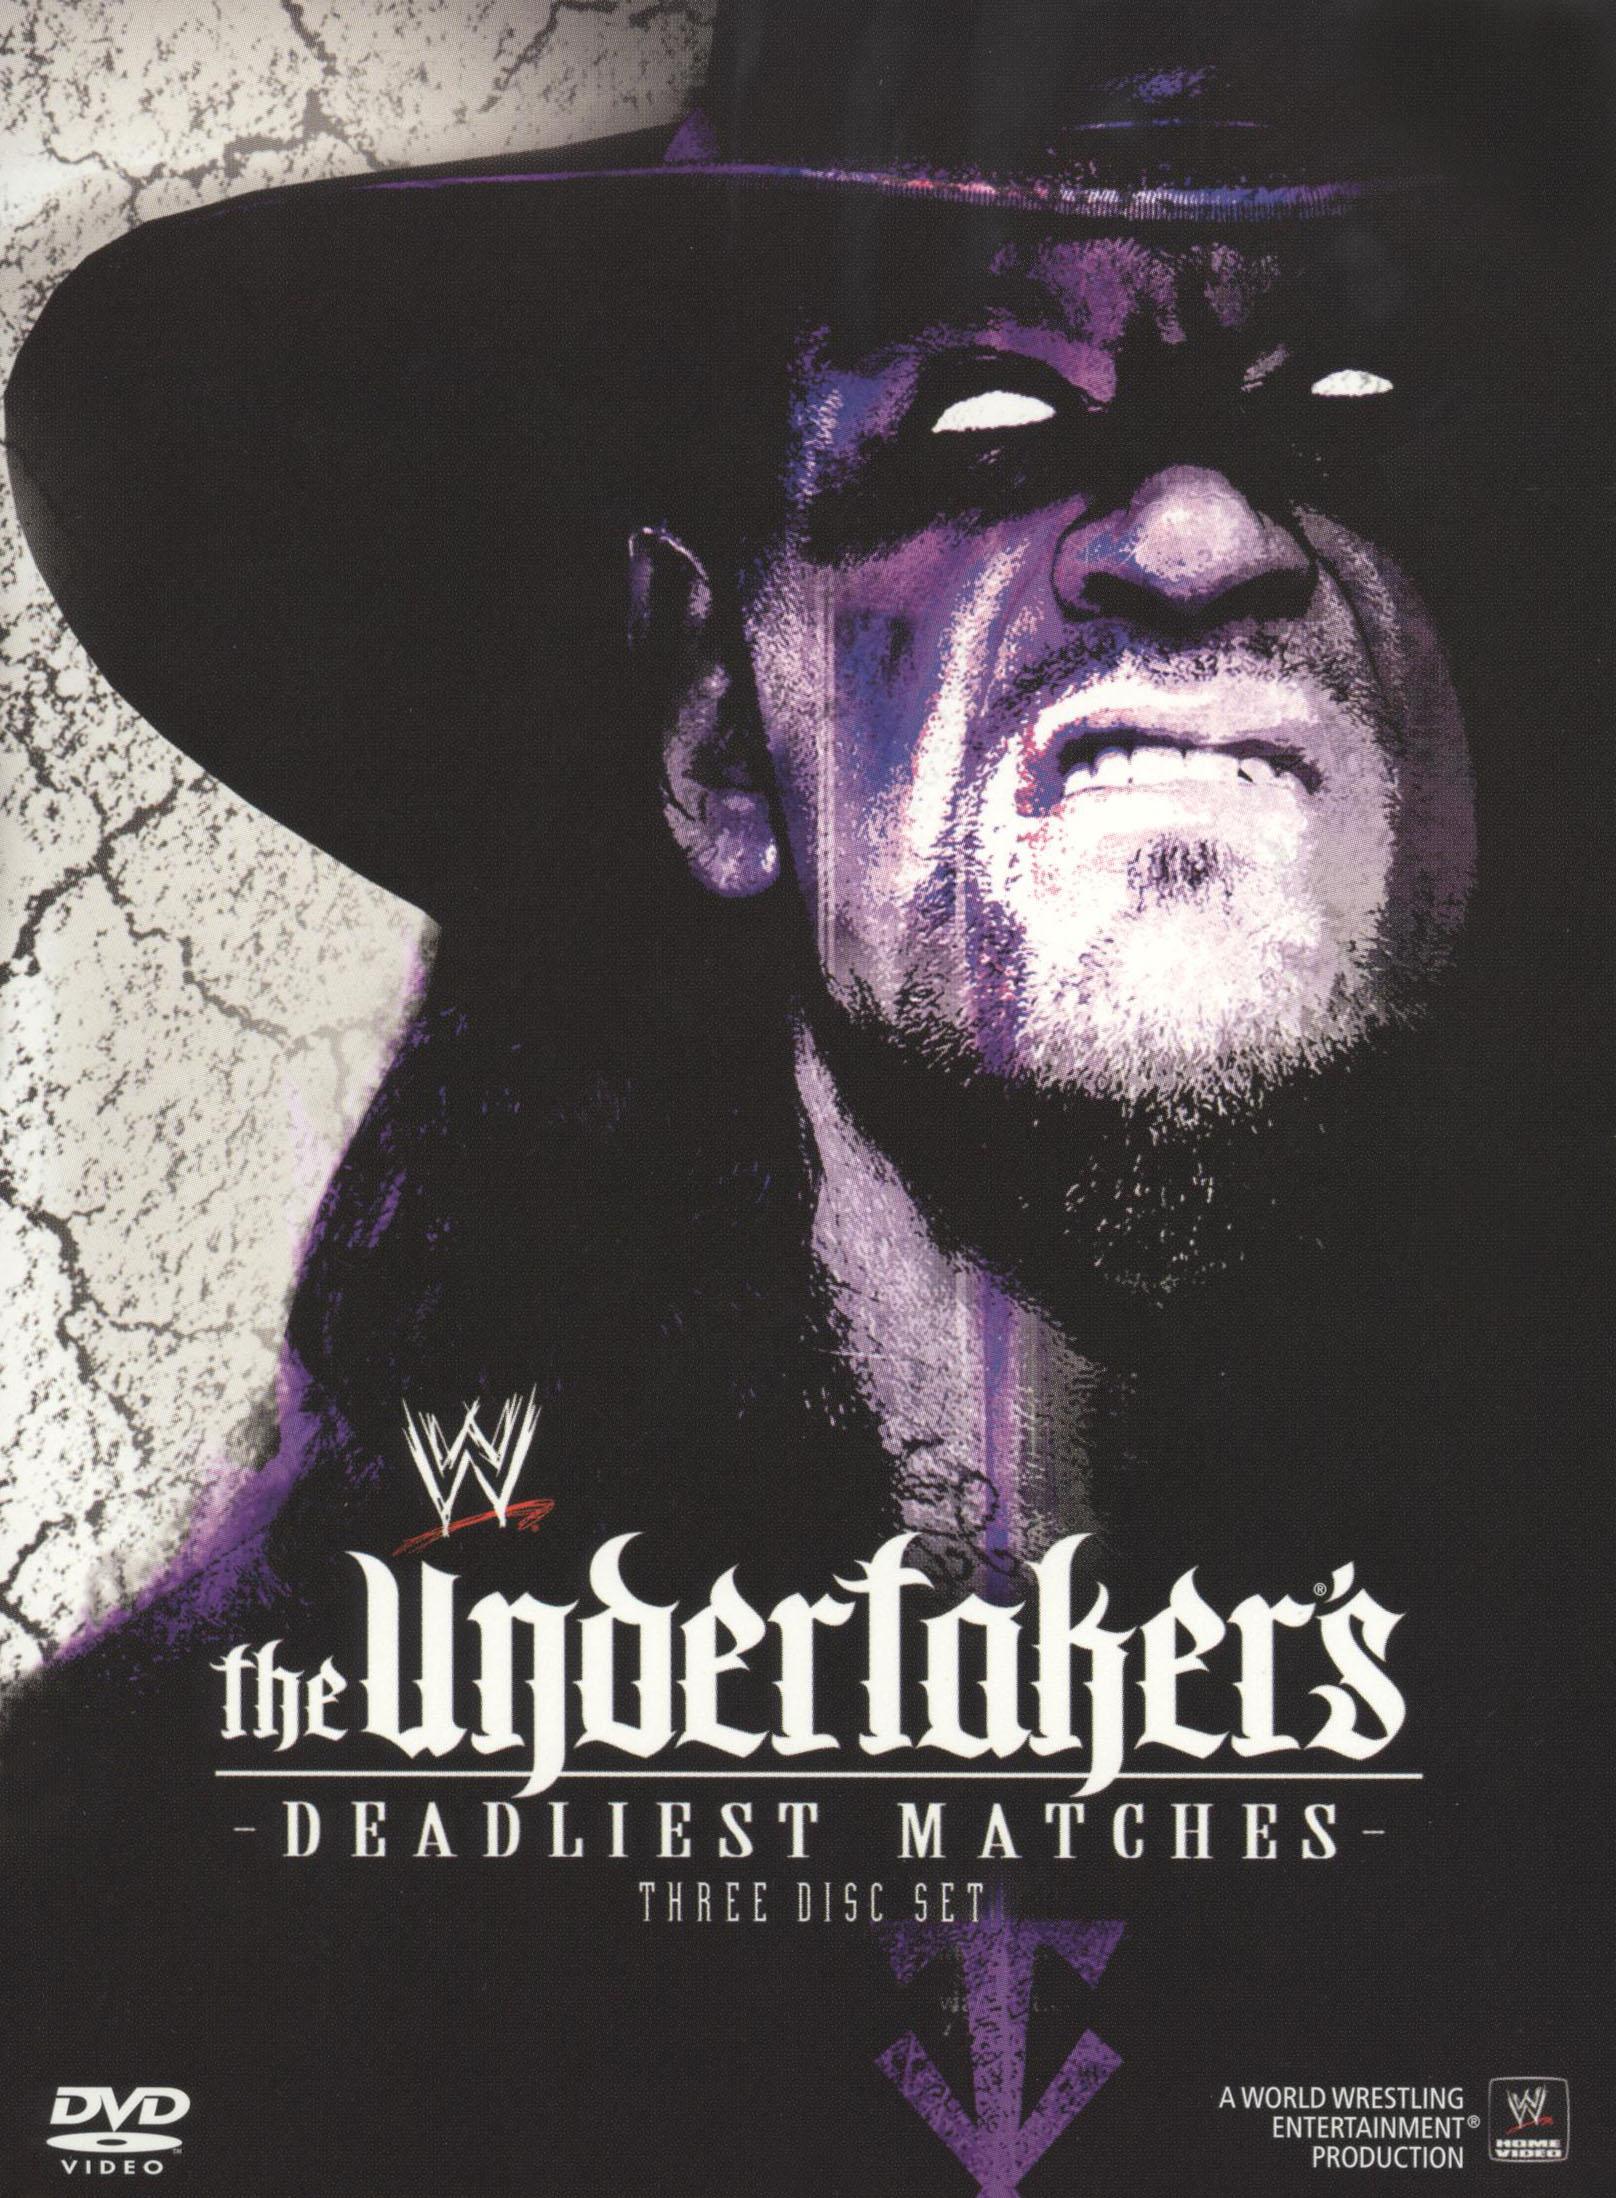 WWE: The Undertaker's Deadliest Matches (2010)